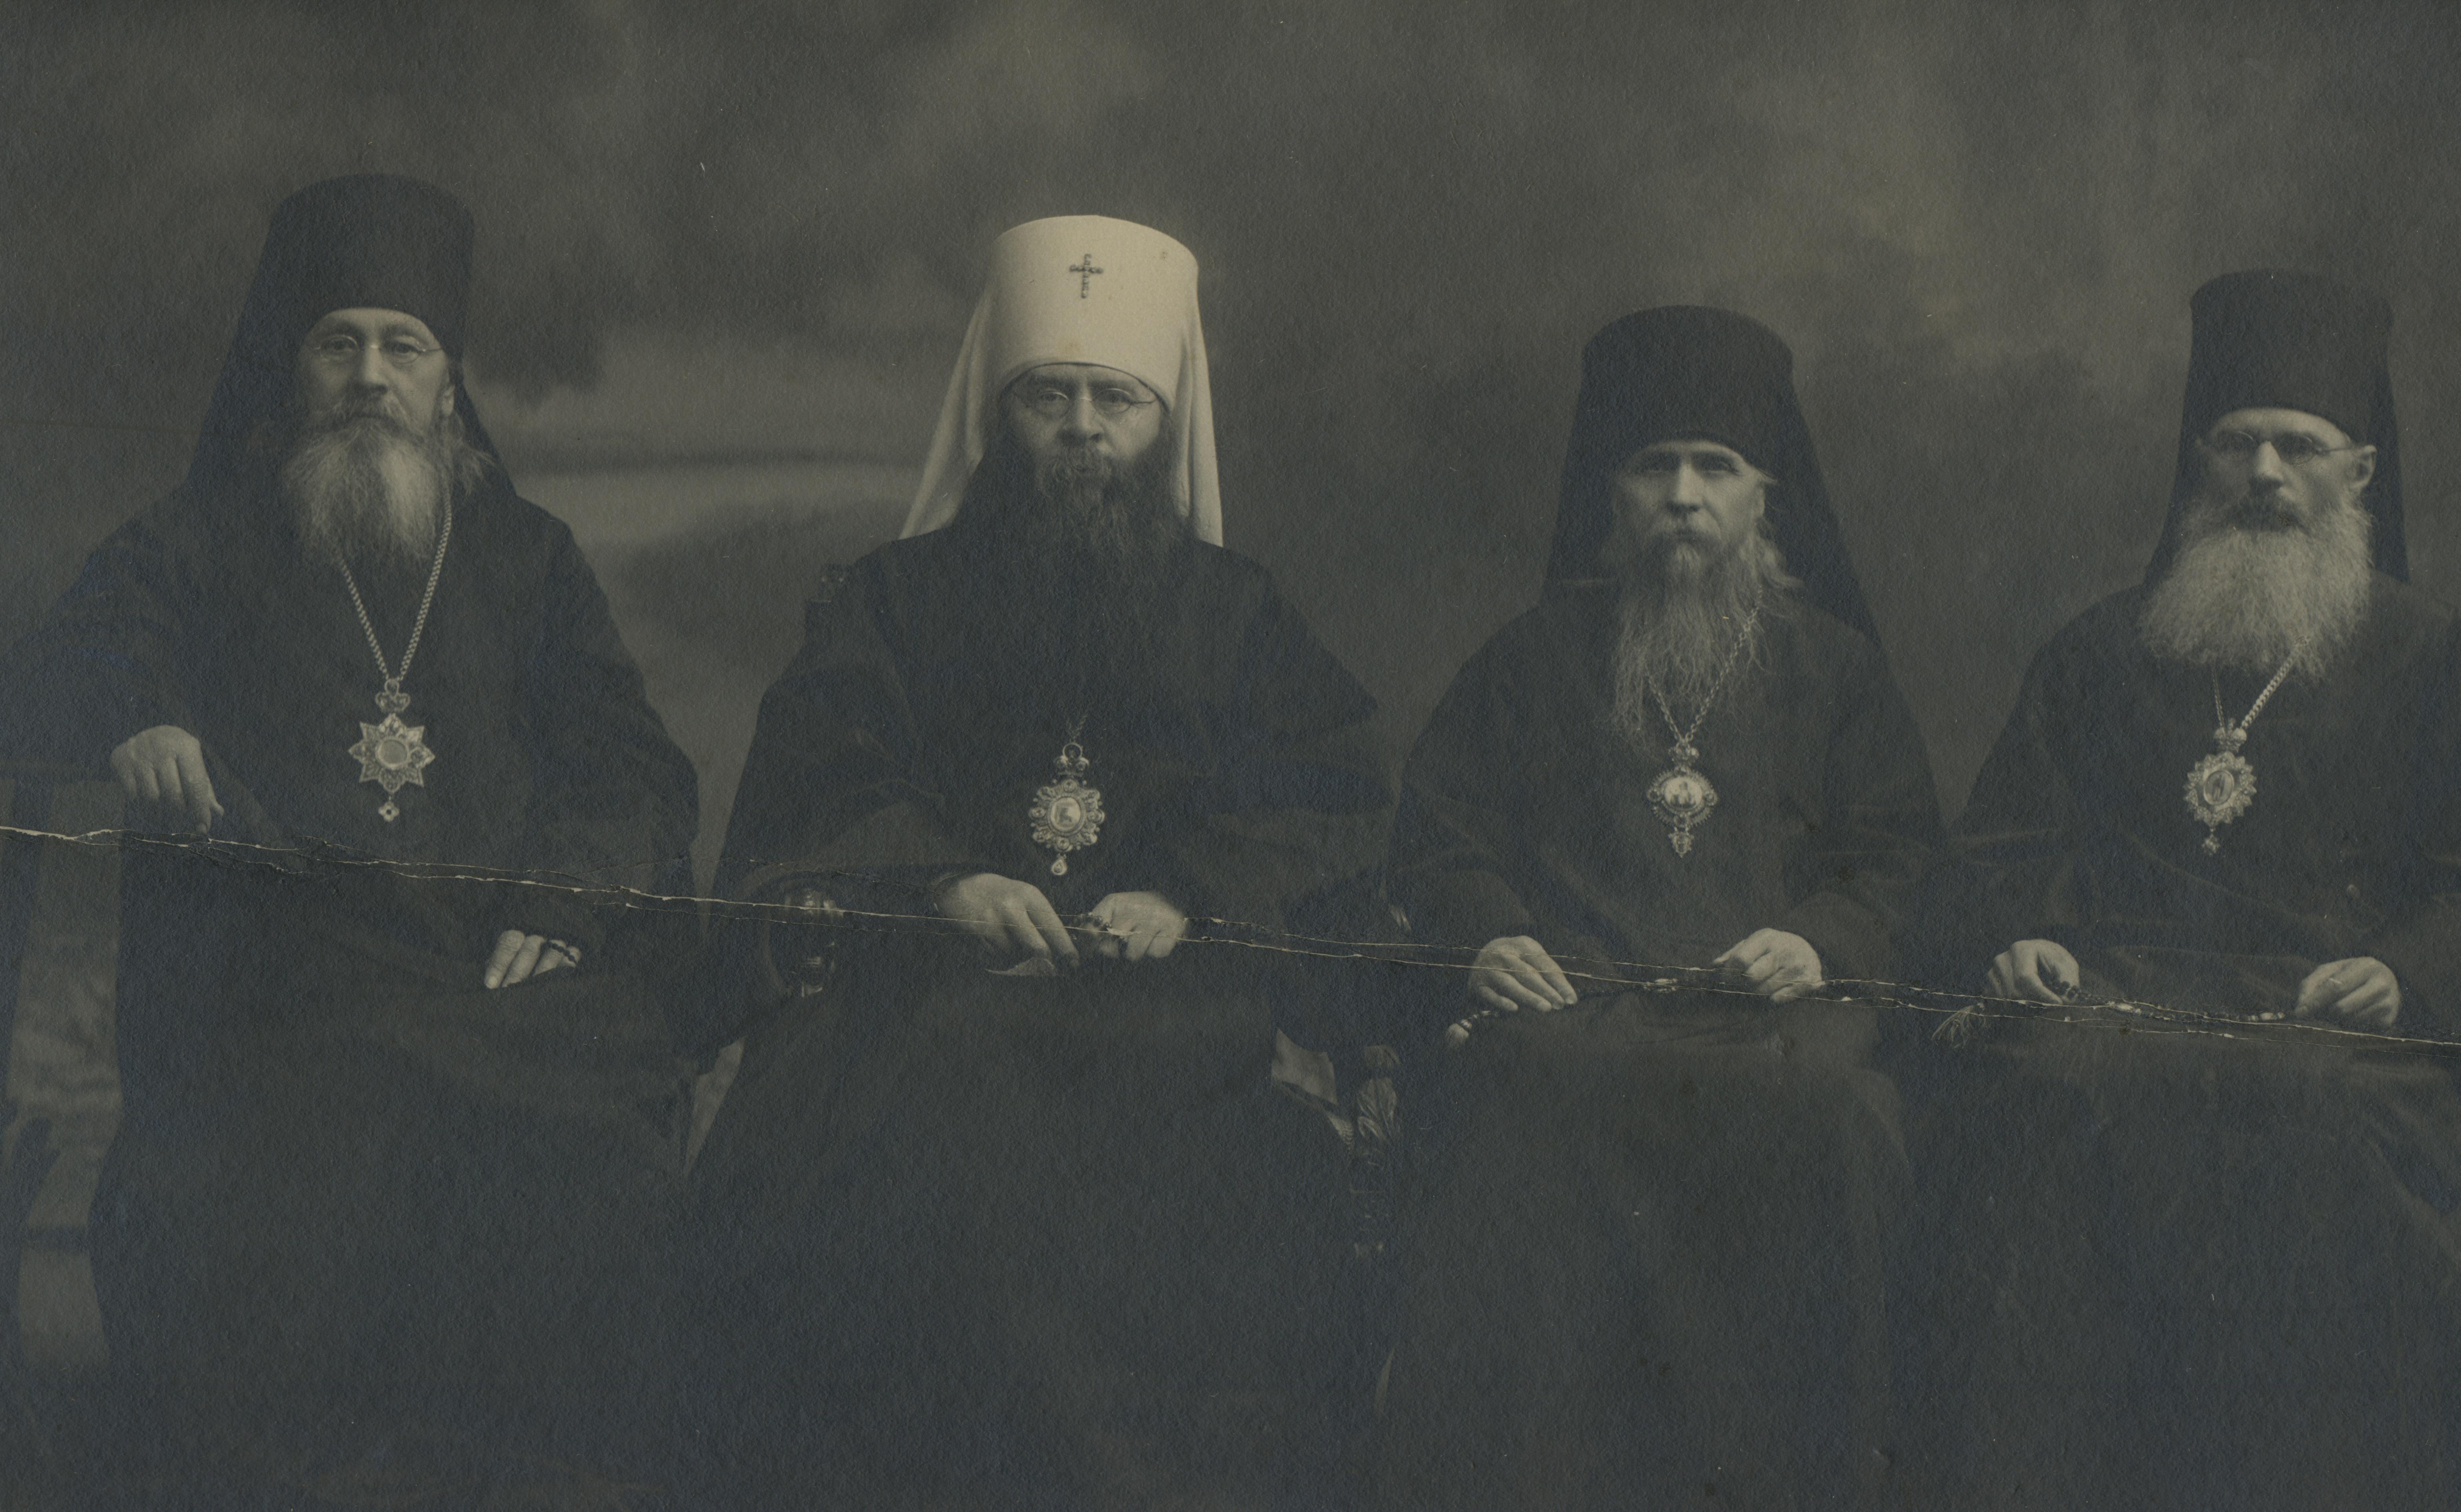 Митрополит Сергий и епископы Митрофан (Загорский), Евгений (Мерцалов), неизвестный. 1890 – 1900